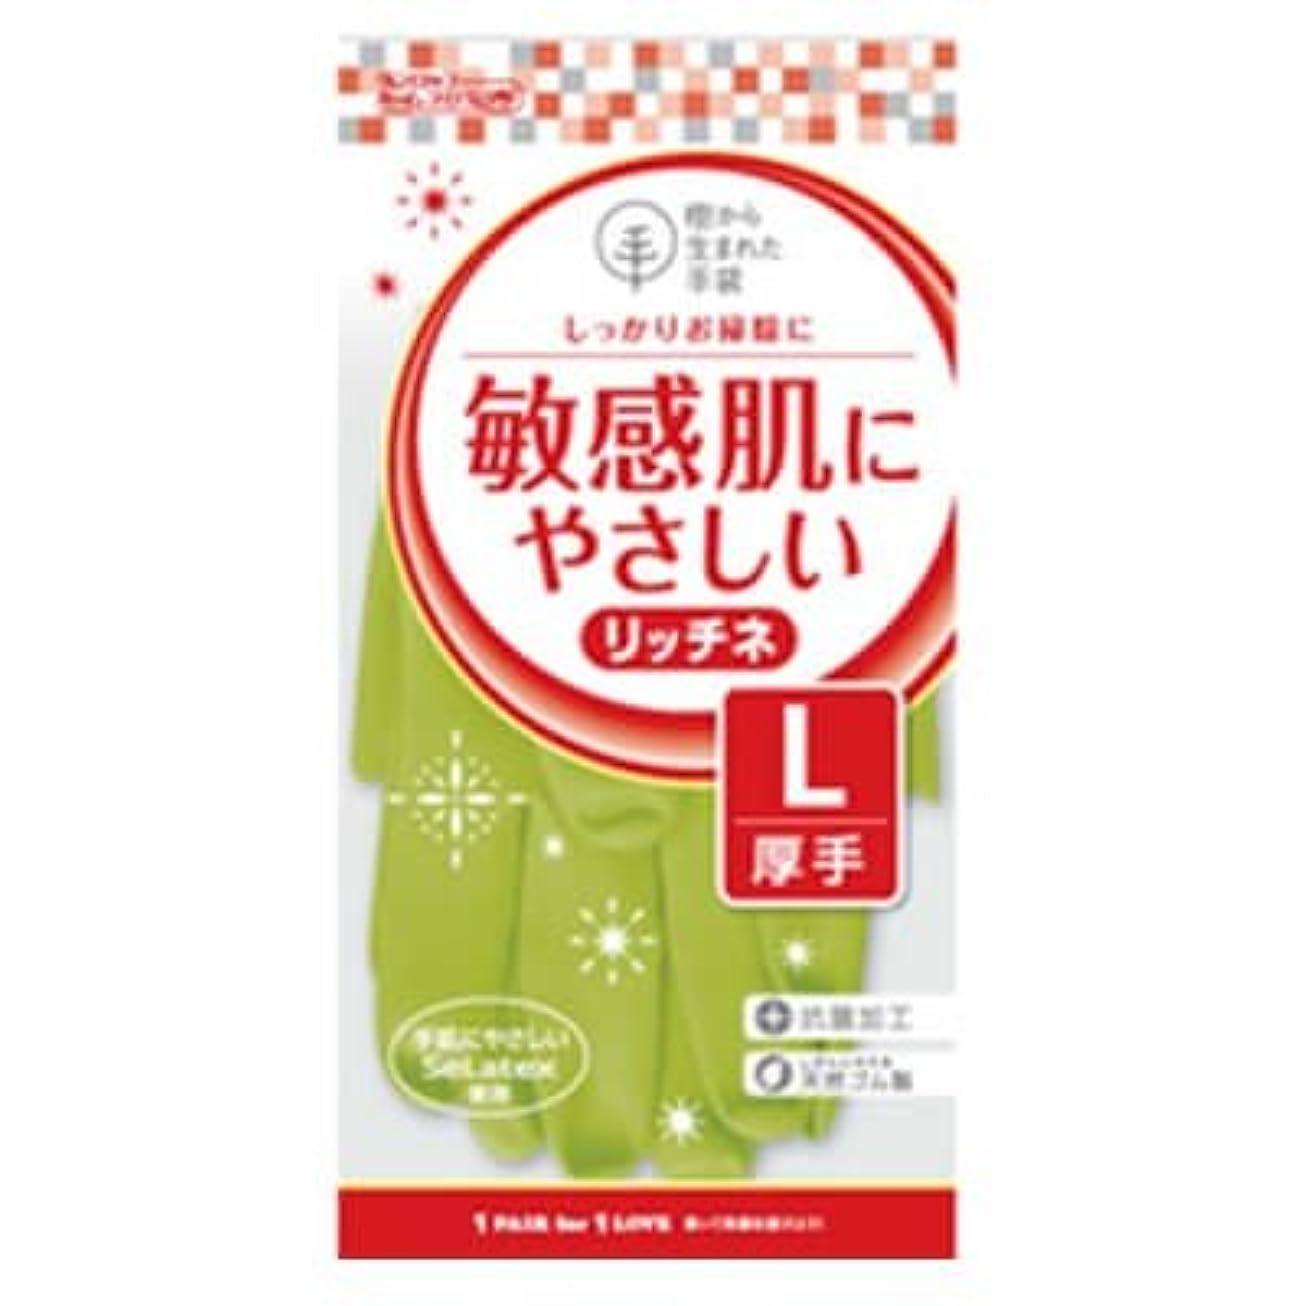 タブレット倒錯嫌い【ケース販売】 ダンロップ 敏感肌にやさしい リッチネ 厚手 L グリーン (10双×12袋)